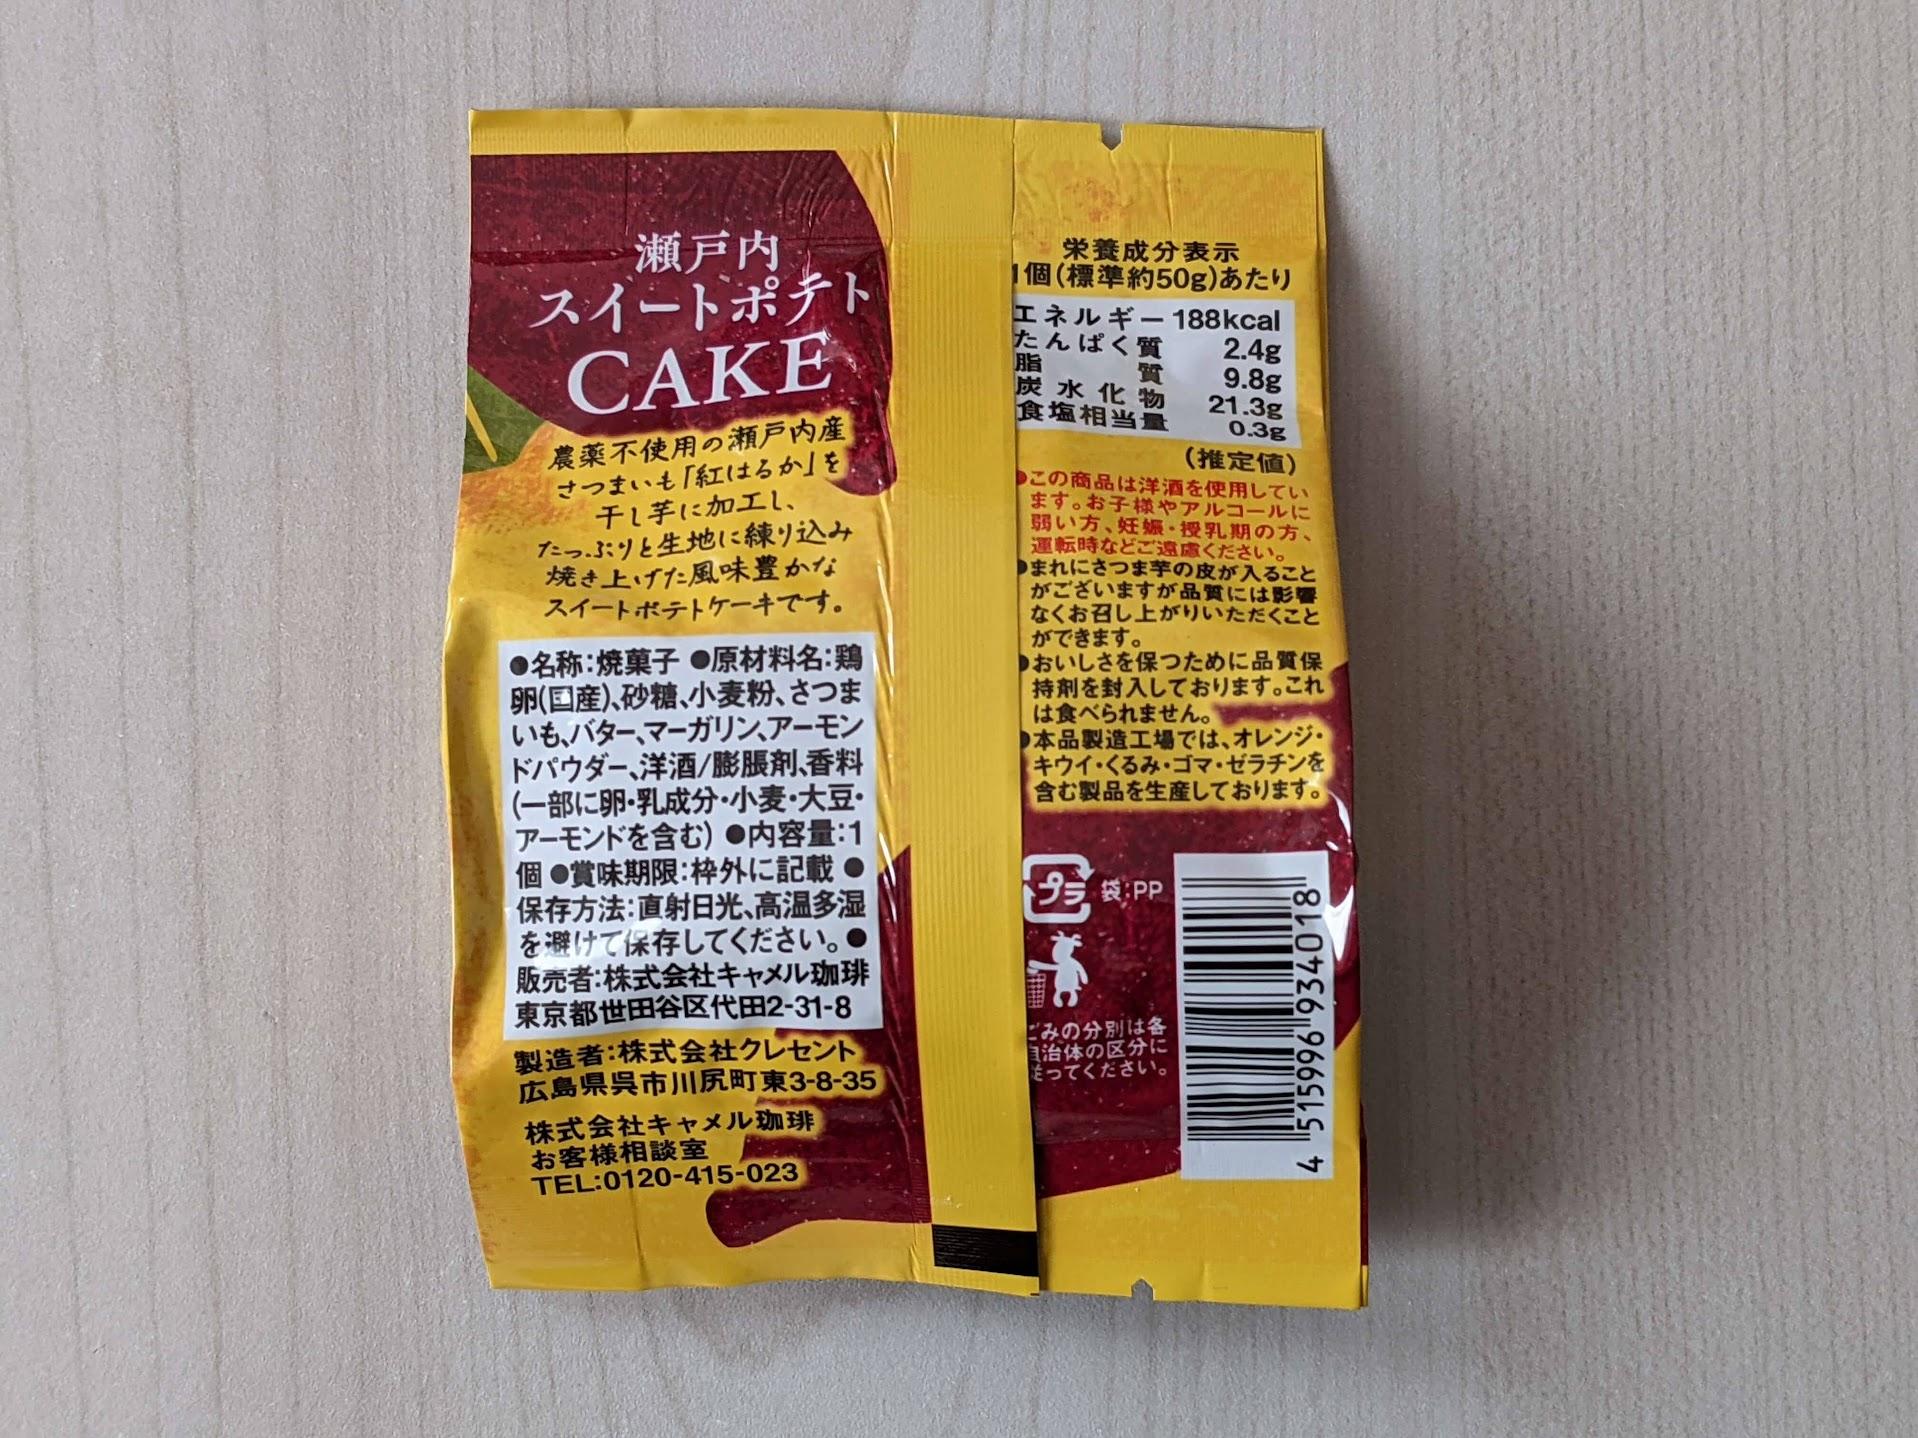 カルディ 瀬戸内スイートポテトケーキ 栄養成分表示